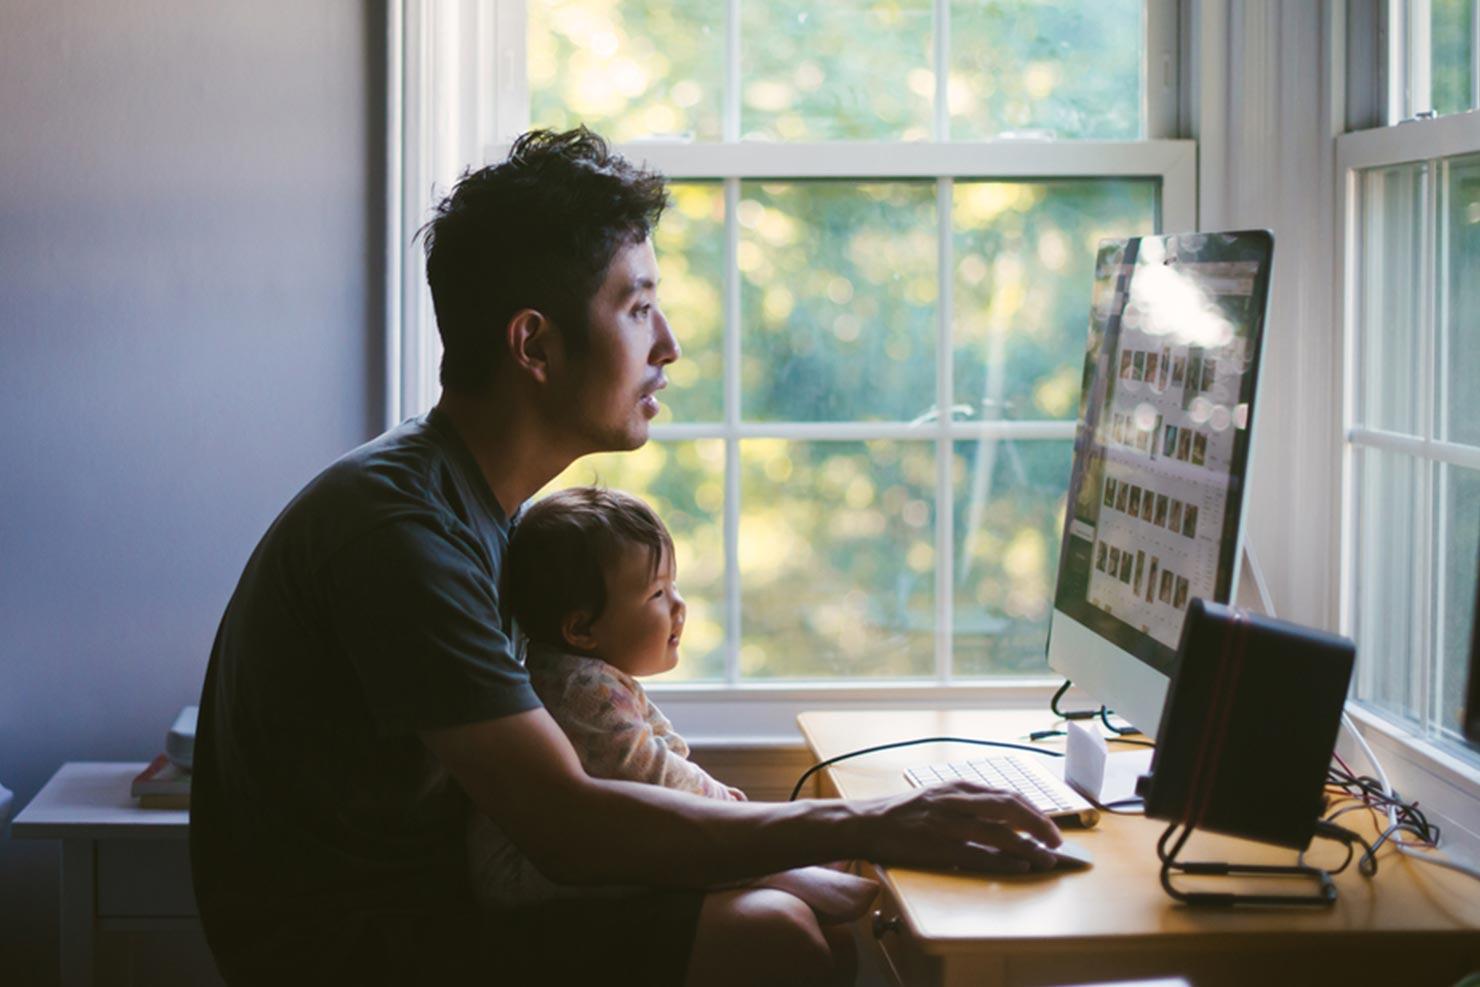 คุณพ่อรุ่นหนุ่มพร้อมทารกตัวเล็กบนตักกำลังทำงานที่จอคอมพิวเตอร์